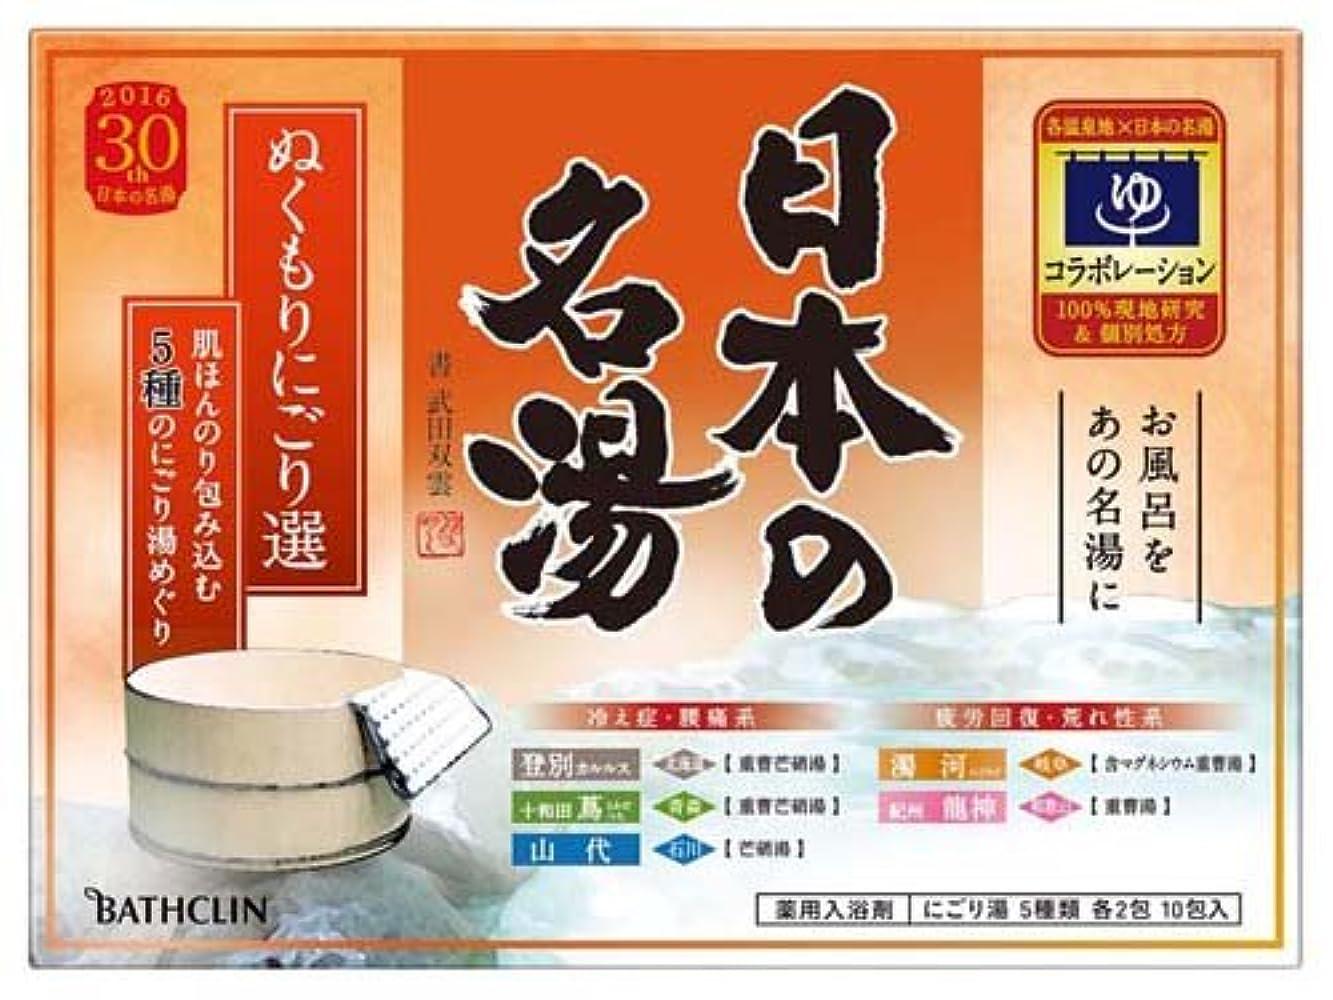 セラー純粋に酔うバスクリン 日本の名湯 ぬくもりにごり選 10包 (5種類:登別カルルス、十和田蔦、山代、濁河、紀州龍神)×15点セット (4548514137301)